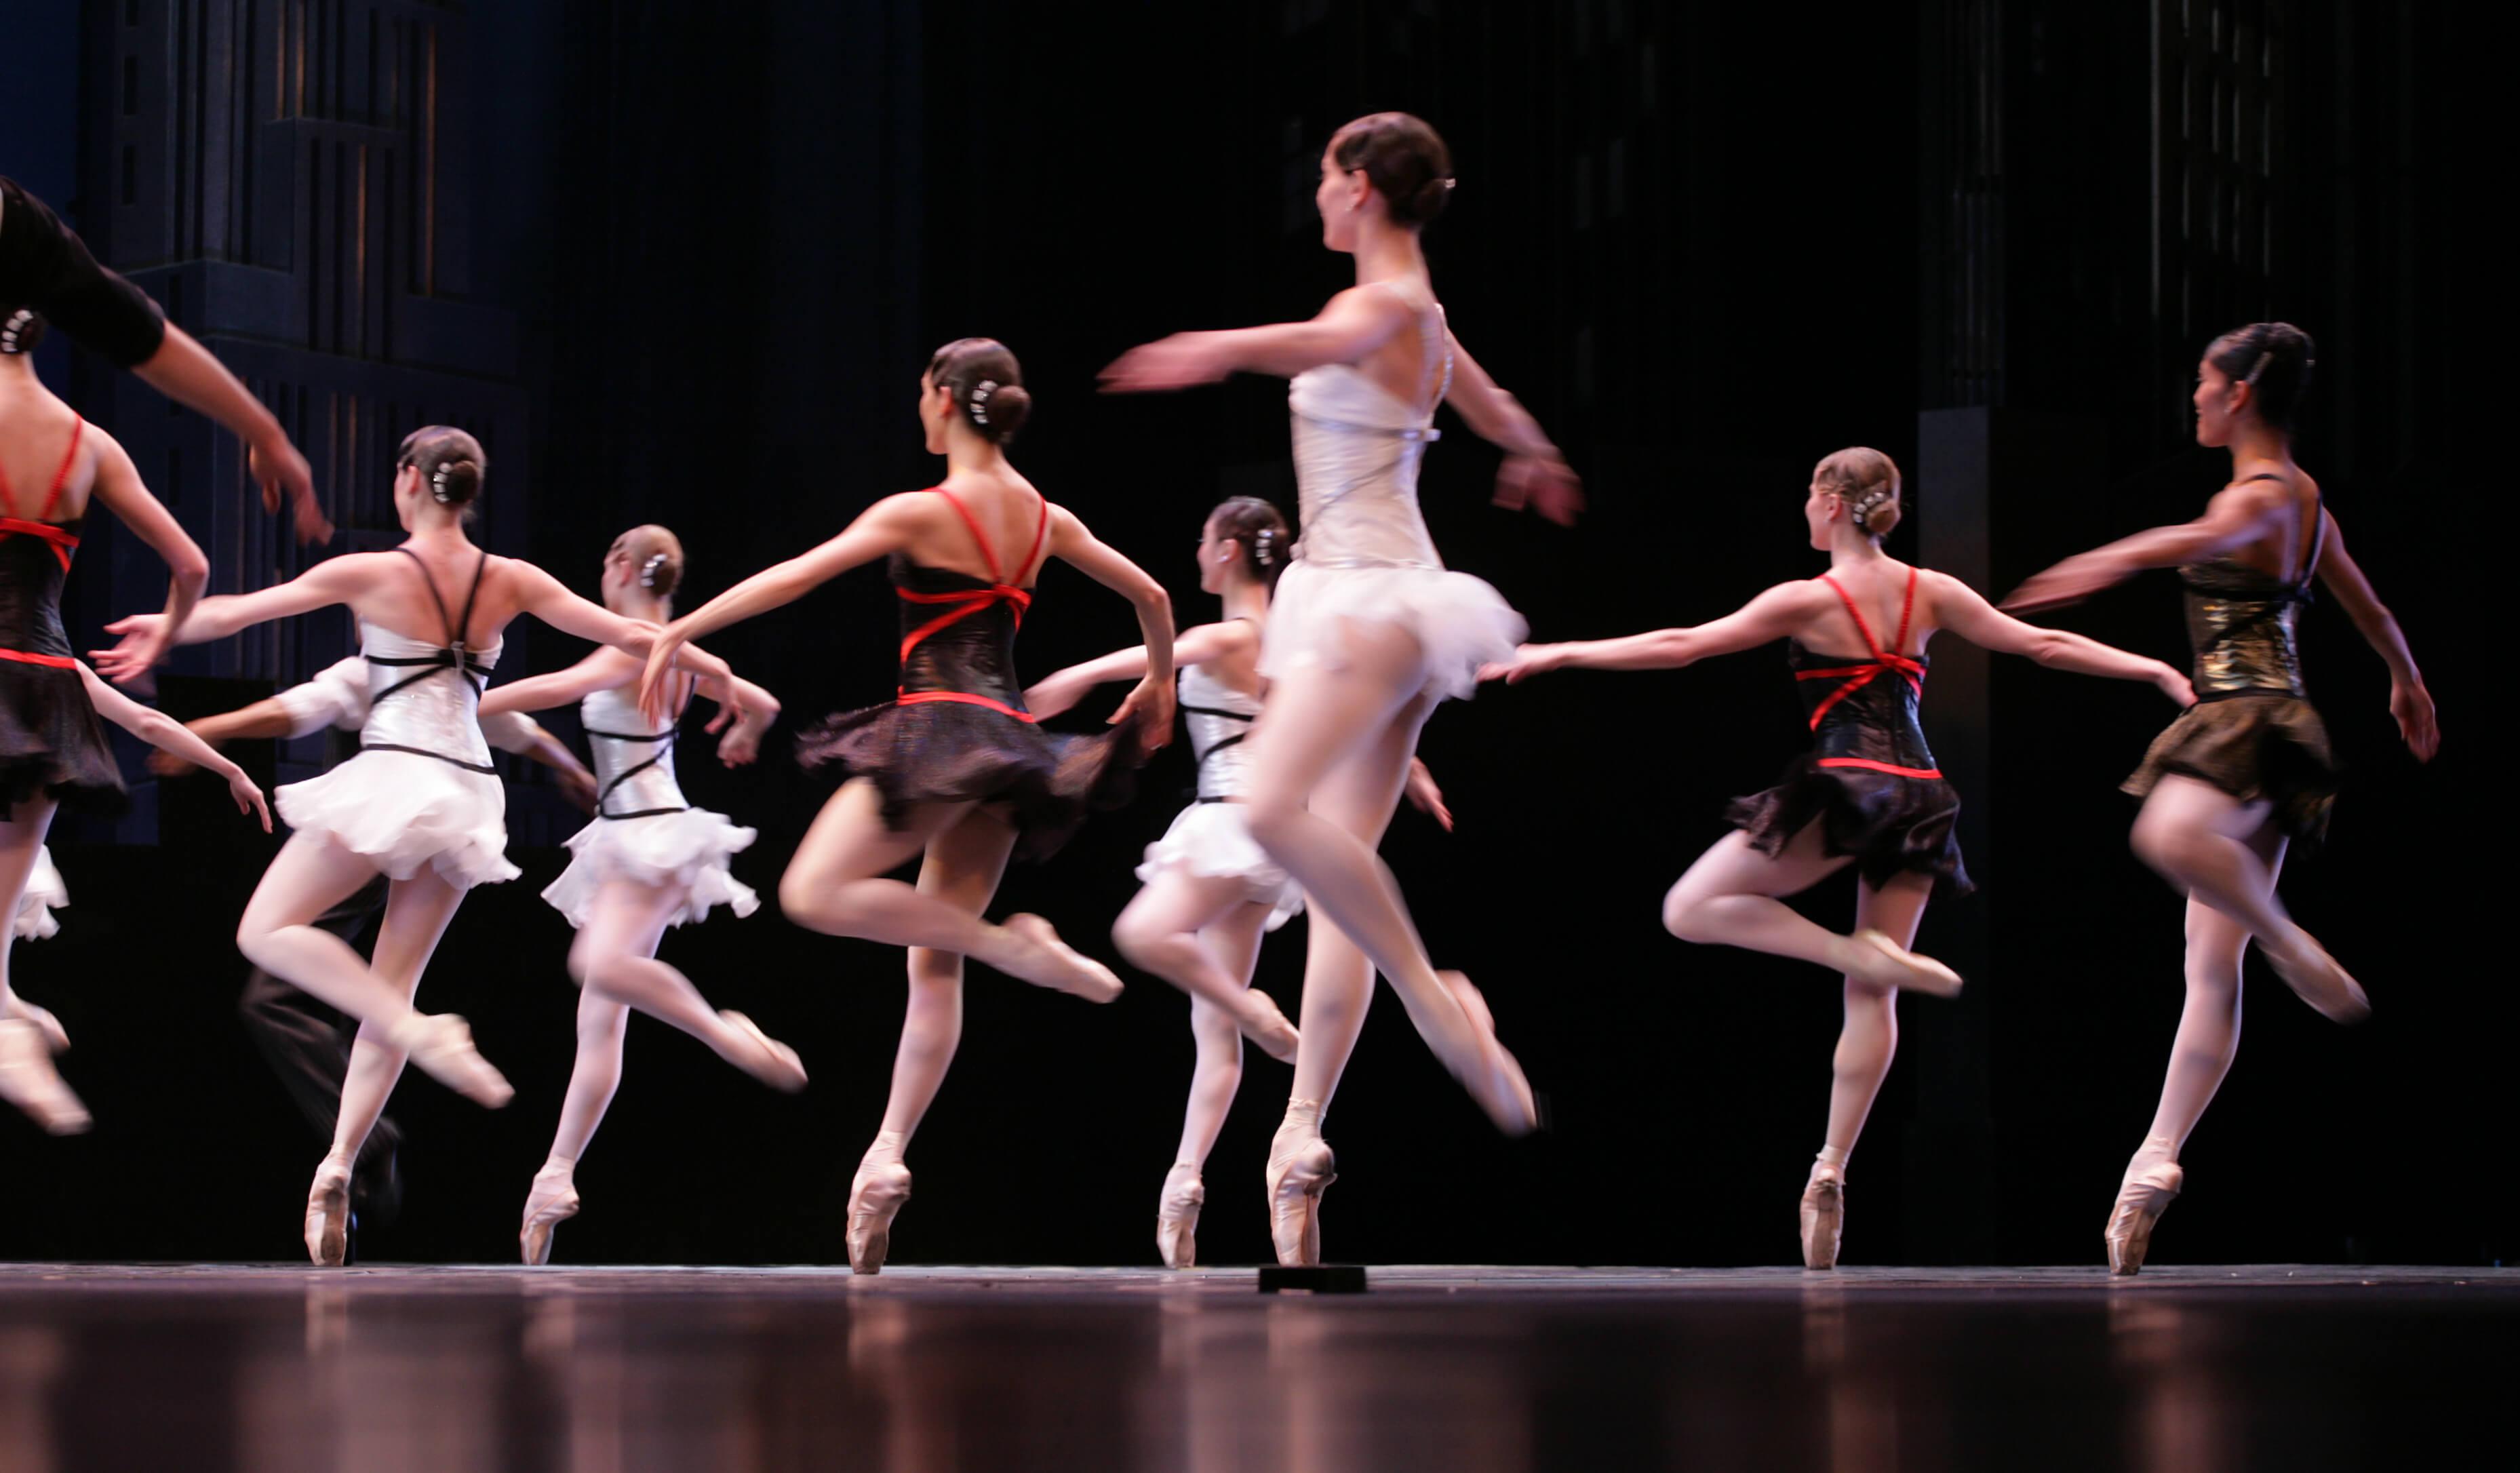 303564-redacao-urgente-prazo-98-16-h-russian-state-ballet-conheca-uma-das-melhores-companhias-de-bale-classico